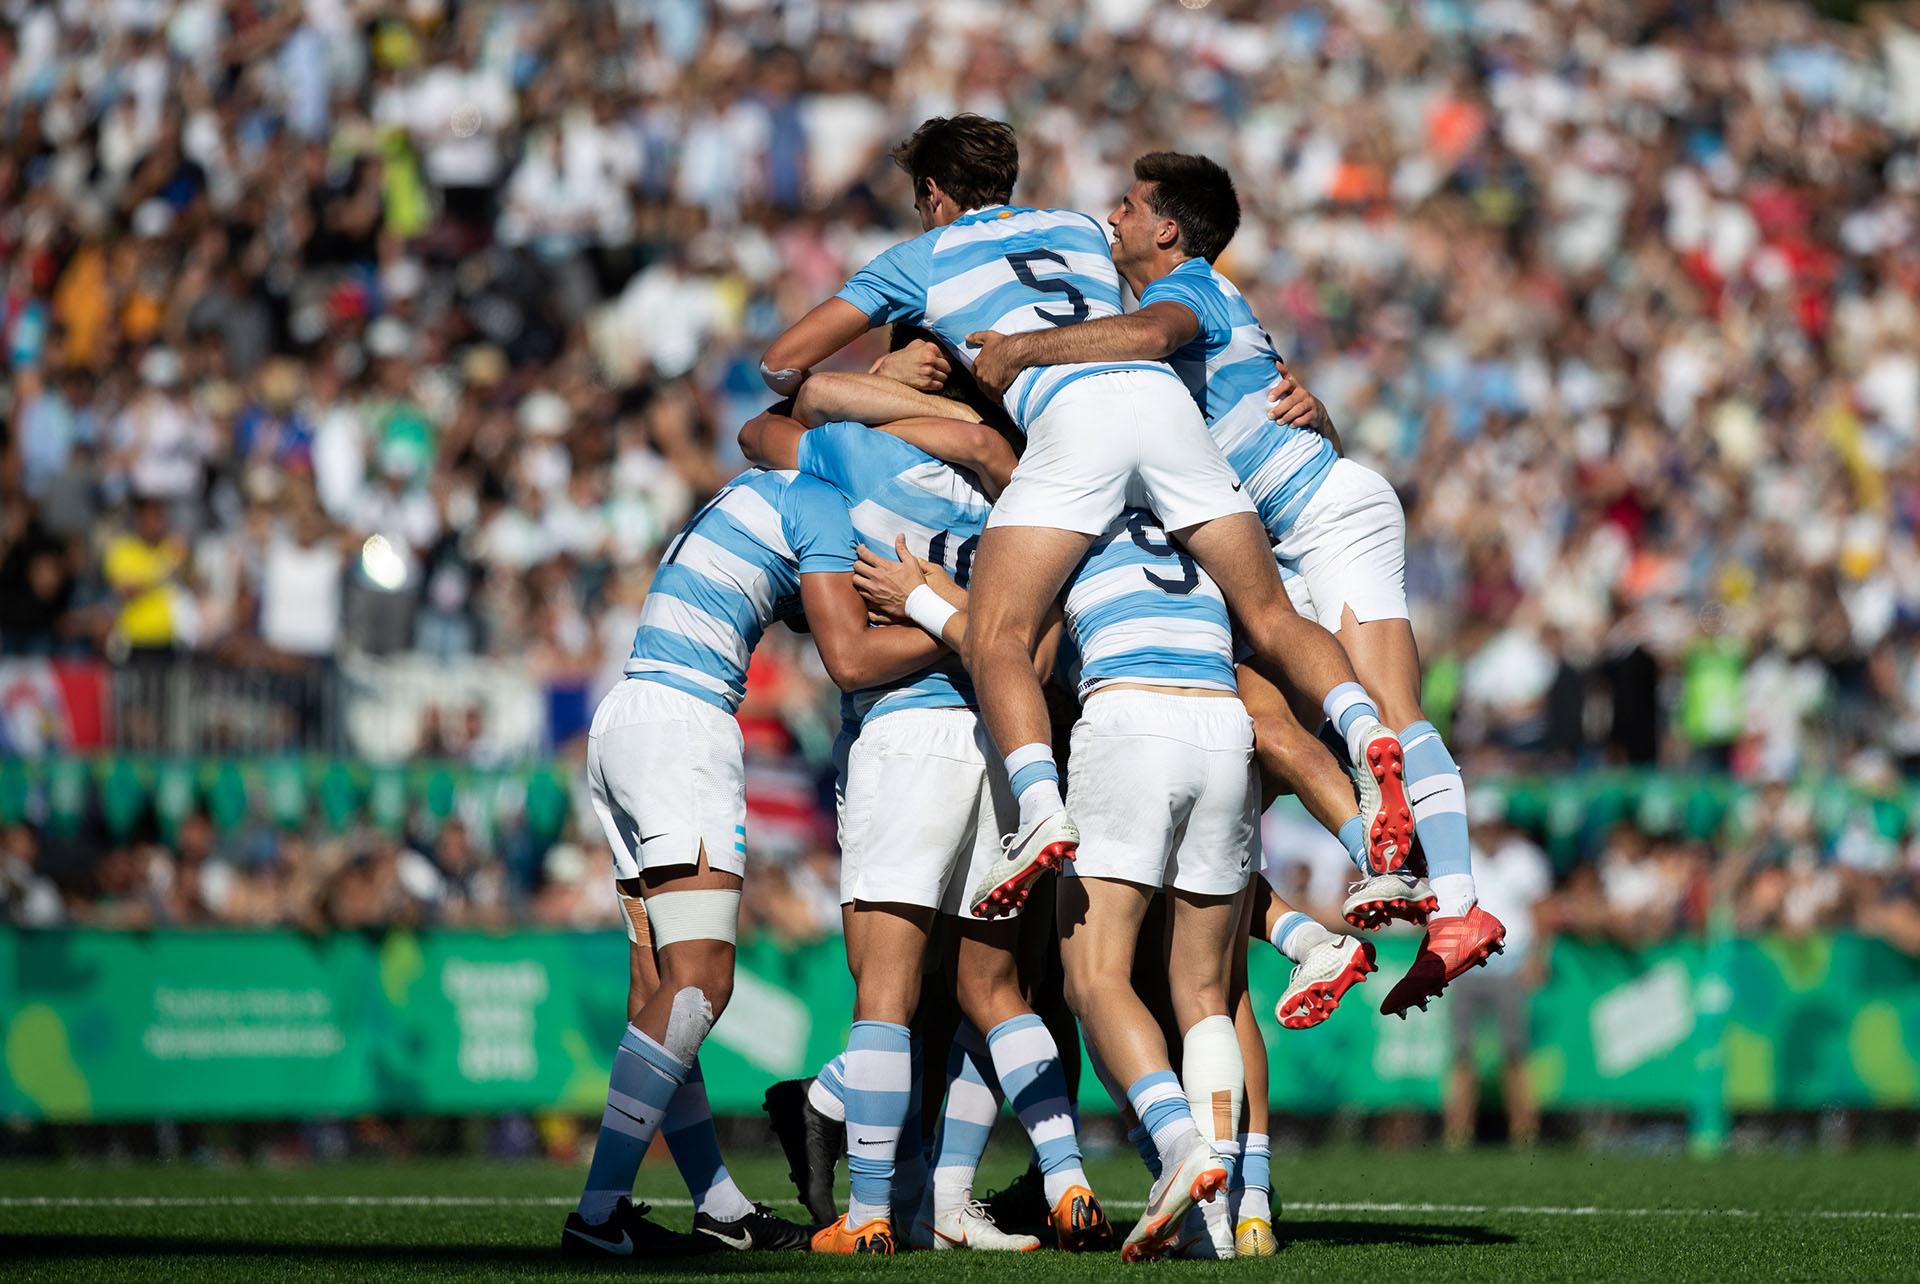 El seleccionado masculino argentino de Rugby Seven celebra la victoria en la final de la disciplina que jugaron ante Francia y que les valió el oro luego de triunfar por 24-14 en el marco de los Juegos Olímpicos de la Juventud 2018 celebrados en Buenos Aires(REUTERS)